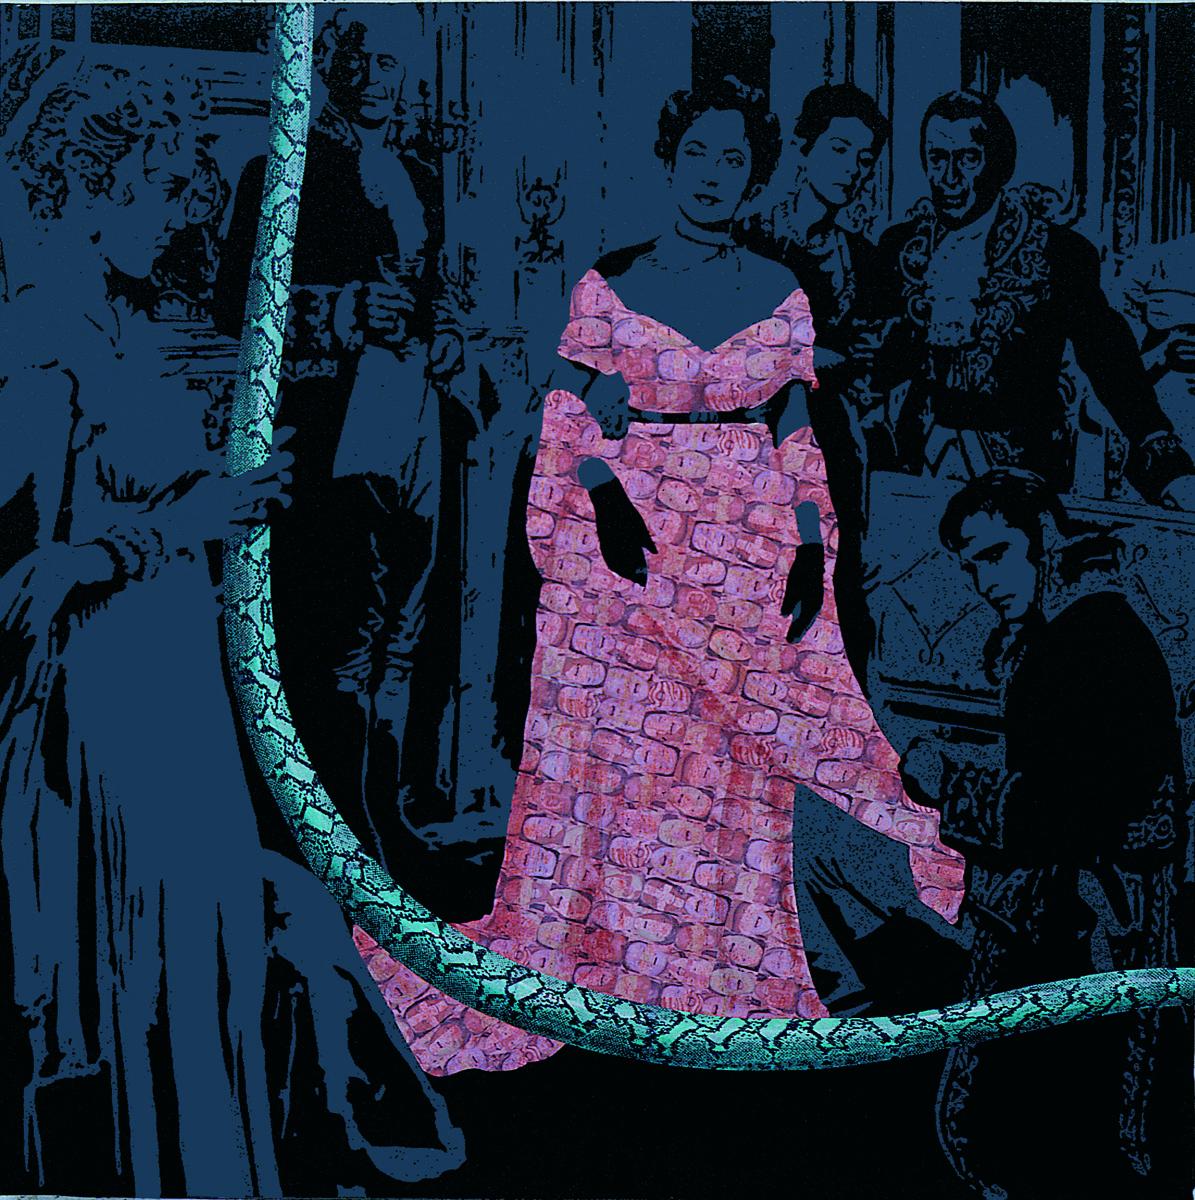 Power & Love, 2006, acrylique sur toile, 162 x 162 cm